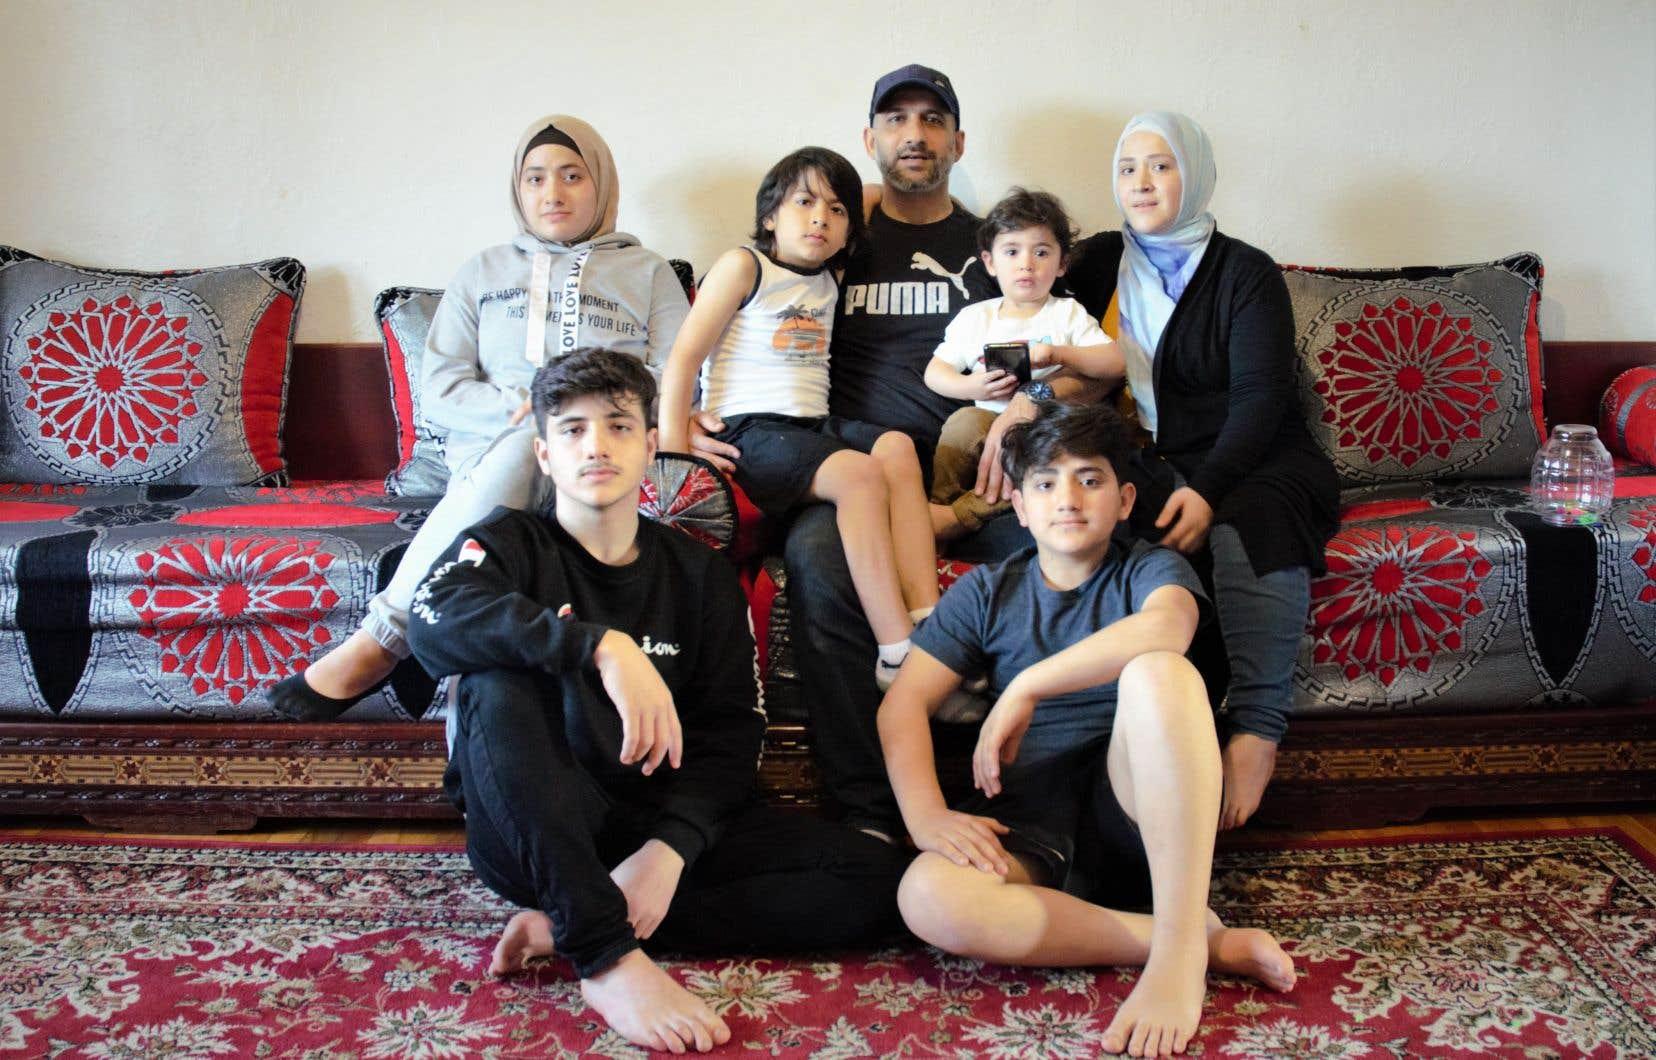 La famille Alkarez: Sana, Mohamad, Omar, Jouma Alkarez (père), Adam, Fatima Alkarez (mère) et Hamza.